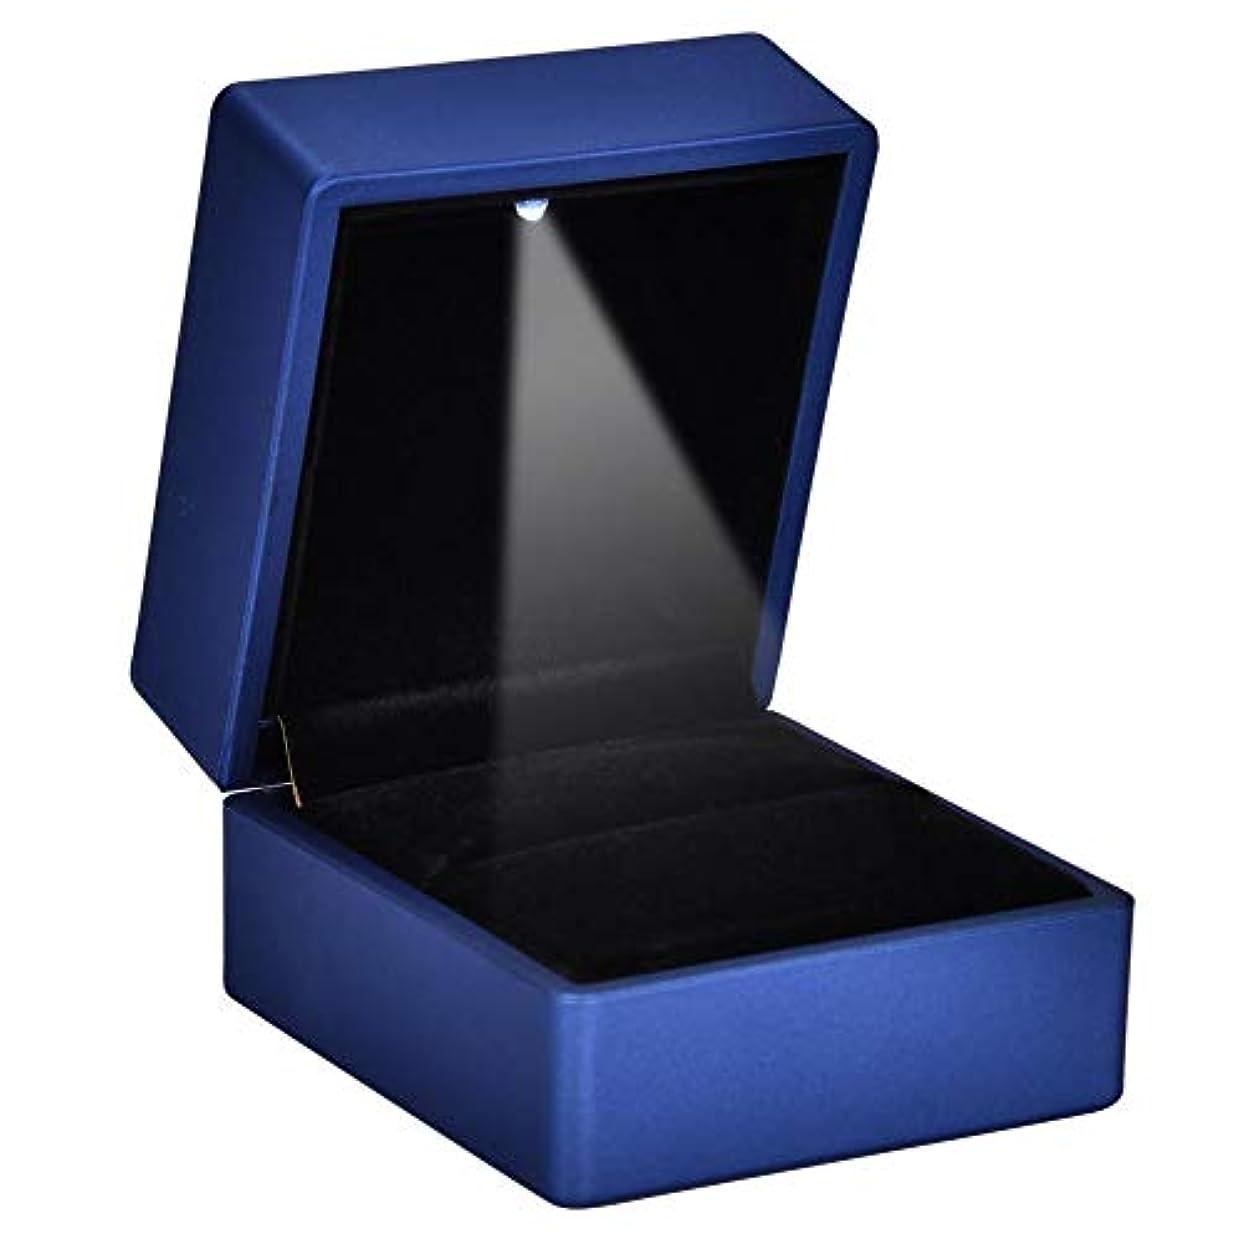 浜辺シプリー予想外2種類ファッショナブルなLEDリングボックス - 内部LED照明付きリングケース、ジュエリーホルダーリング収納ケース、結婚式の提案(ブルー-90 * 70 * 35)